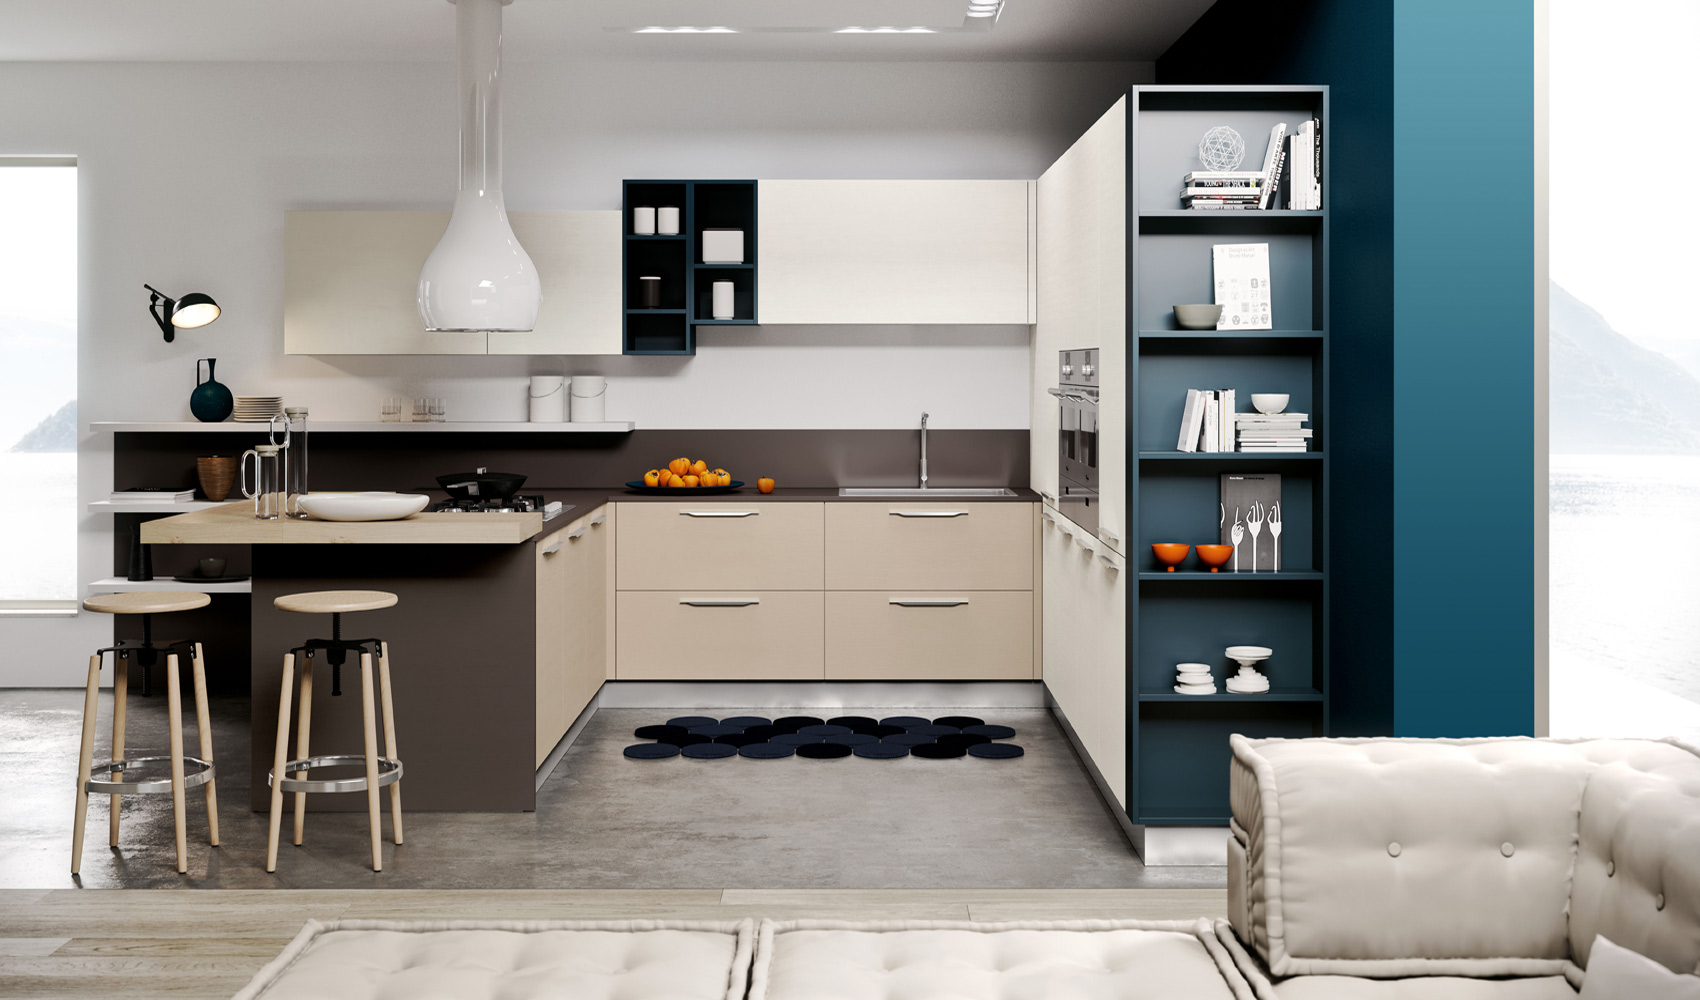 Arredamento cortona mobili palini e pieroni overplace - Preventivo cucina mondo convenienza ...